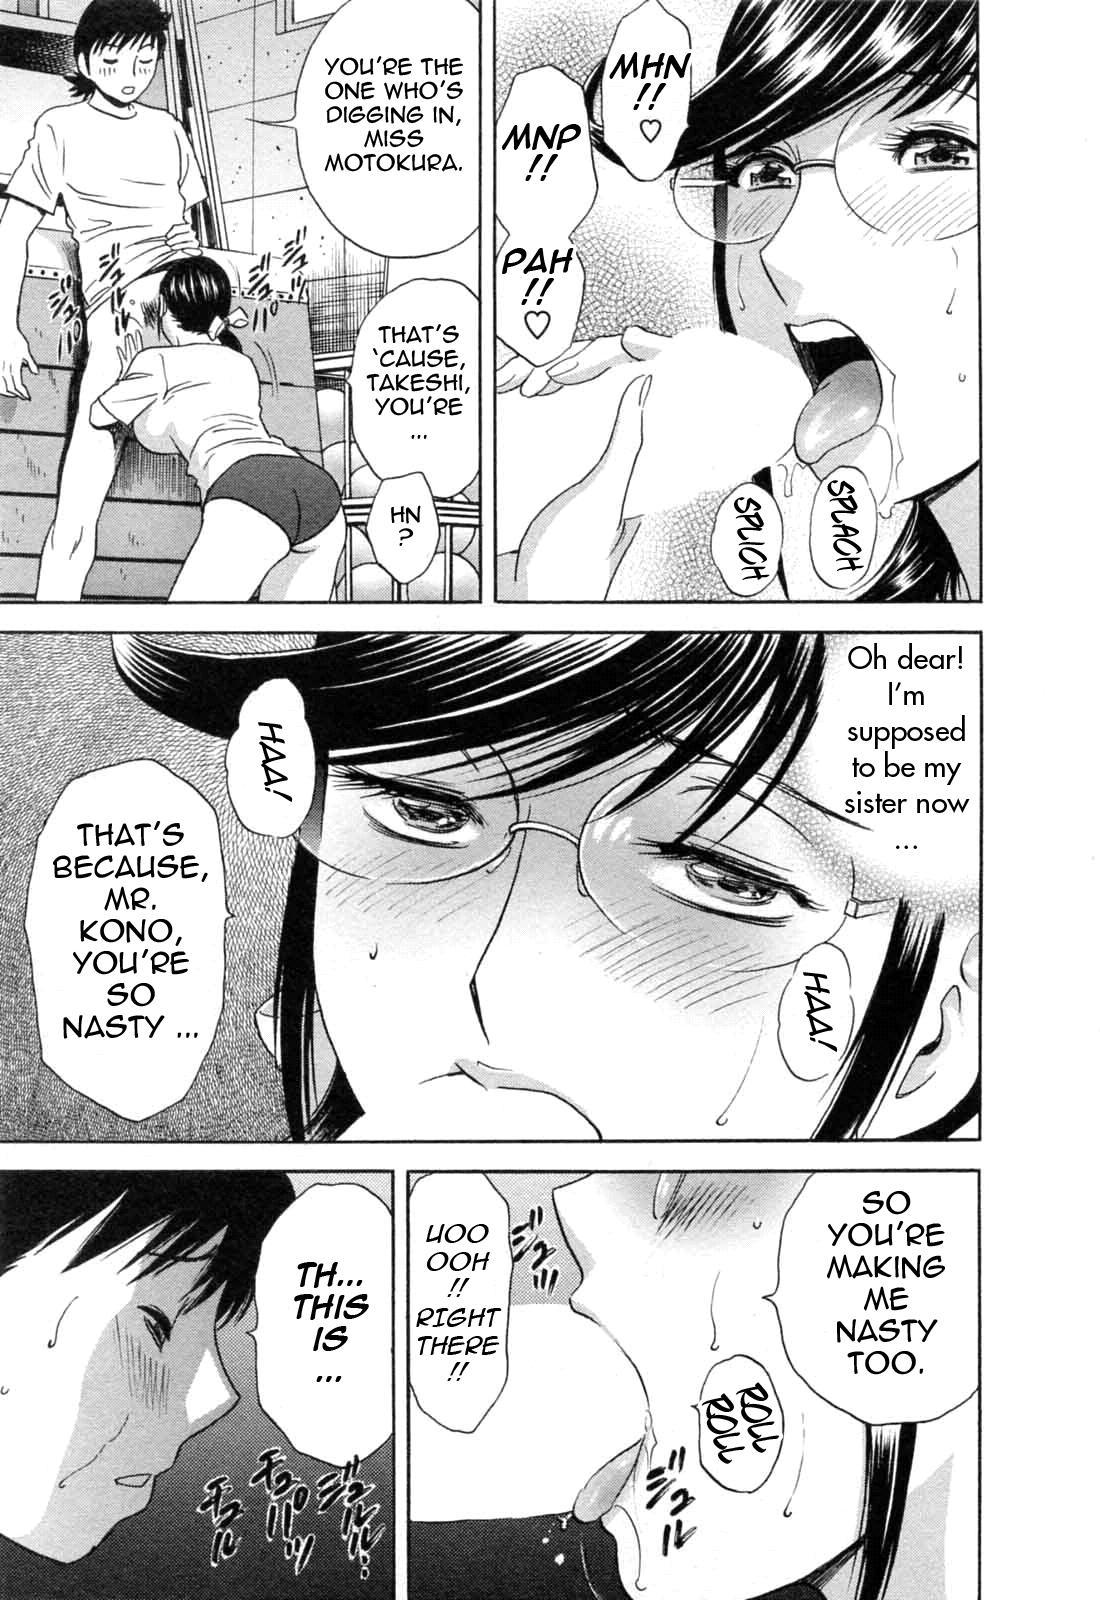 [Hidemaru] Mo-Retsu! Boin Sensei (Boing Boing Teacher) Vol.5 [English] [4dawgz] [Tadanohito] 161